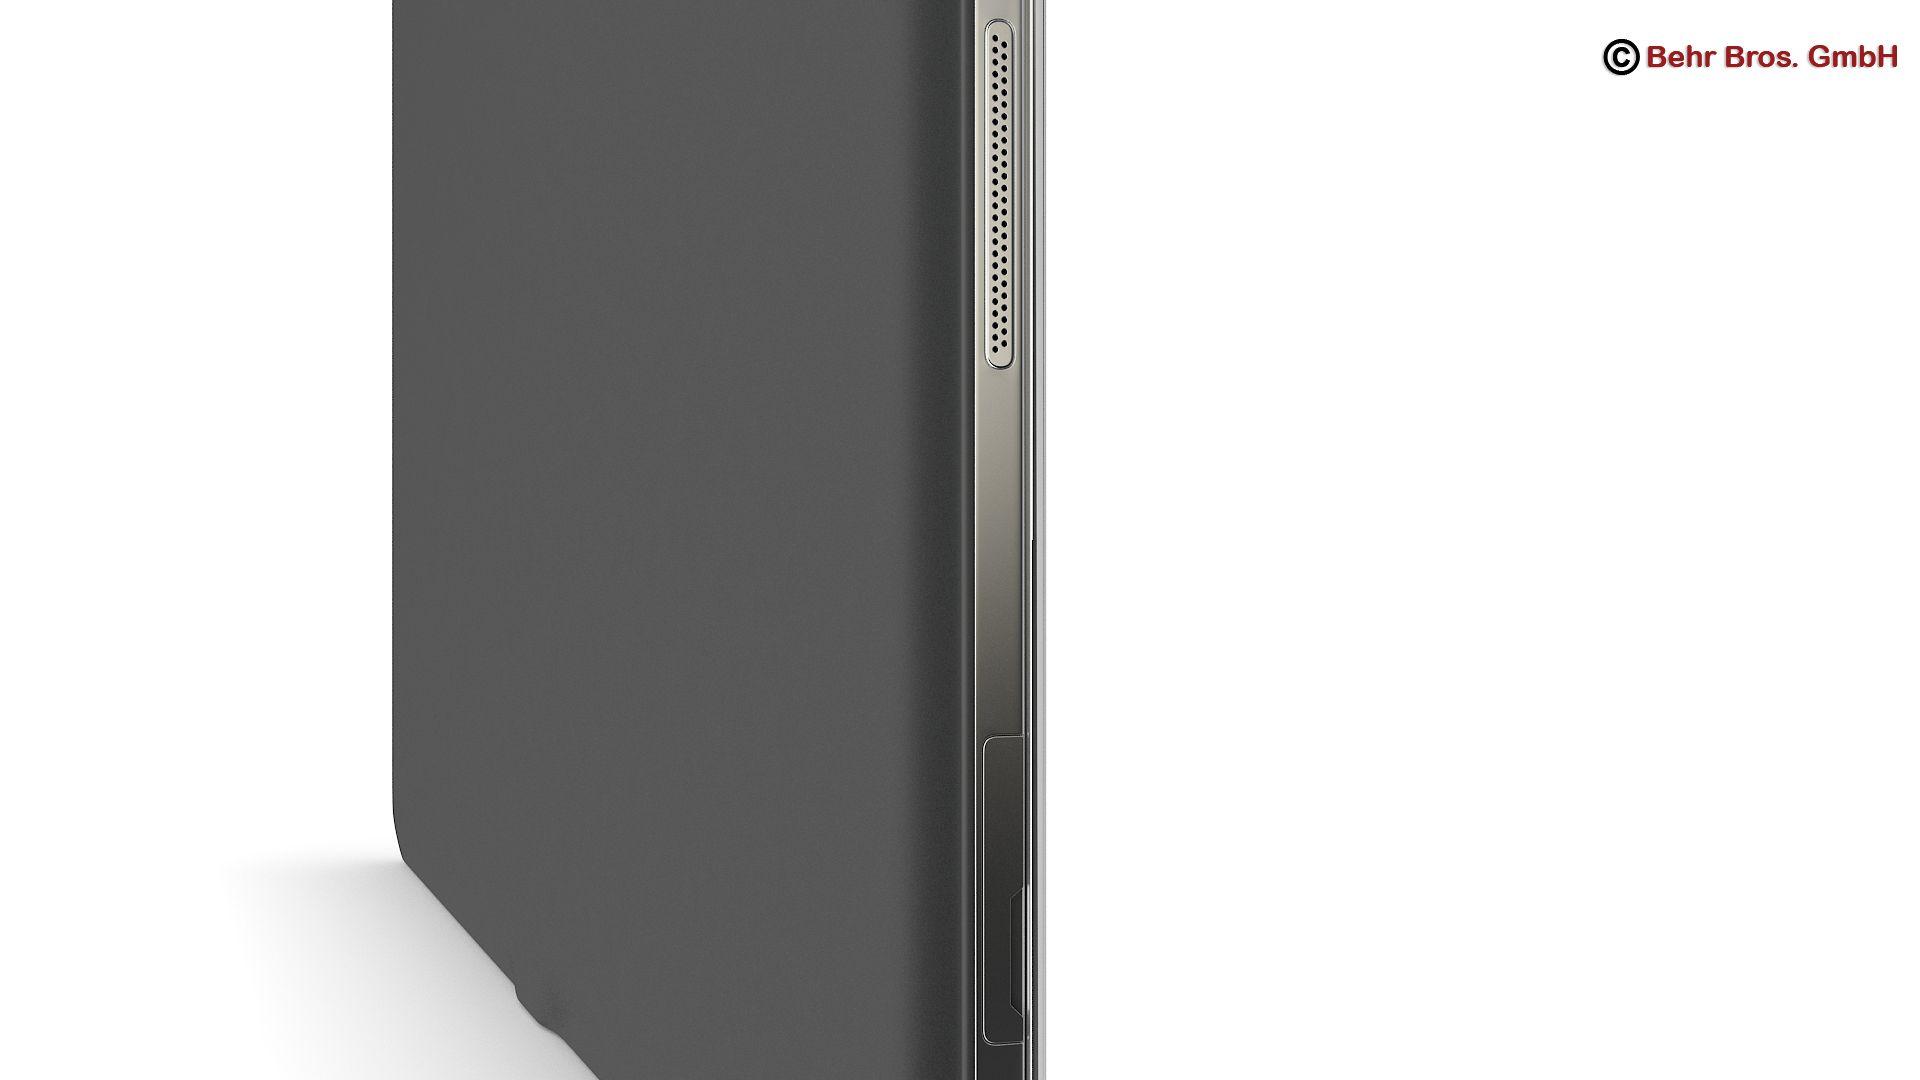 generic tablet 10.1 inch 3d model 3ds max fbx c4d lwo ma mb obj 162887